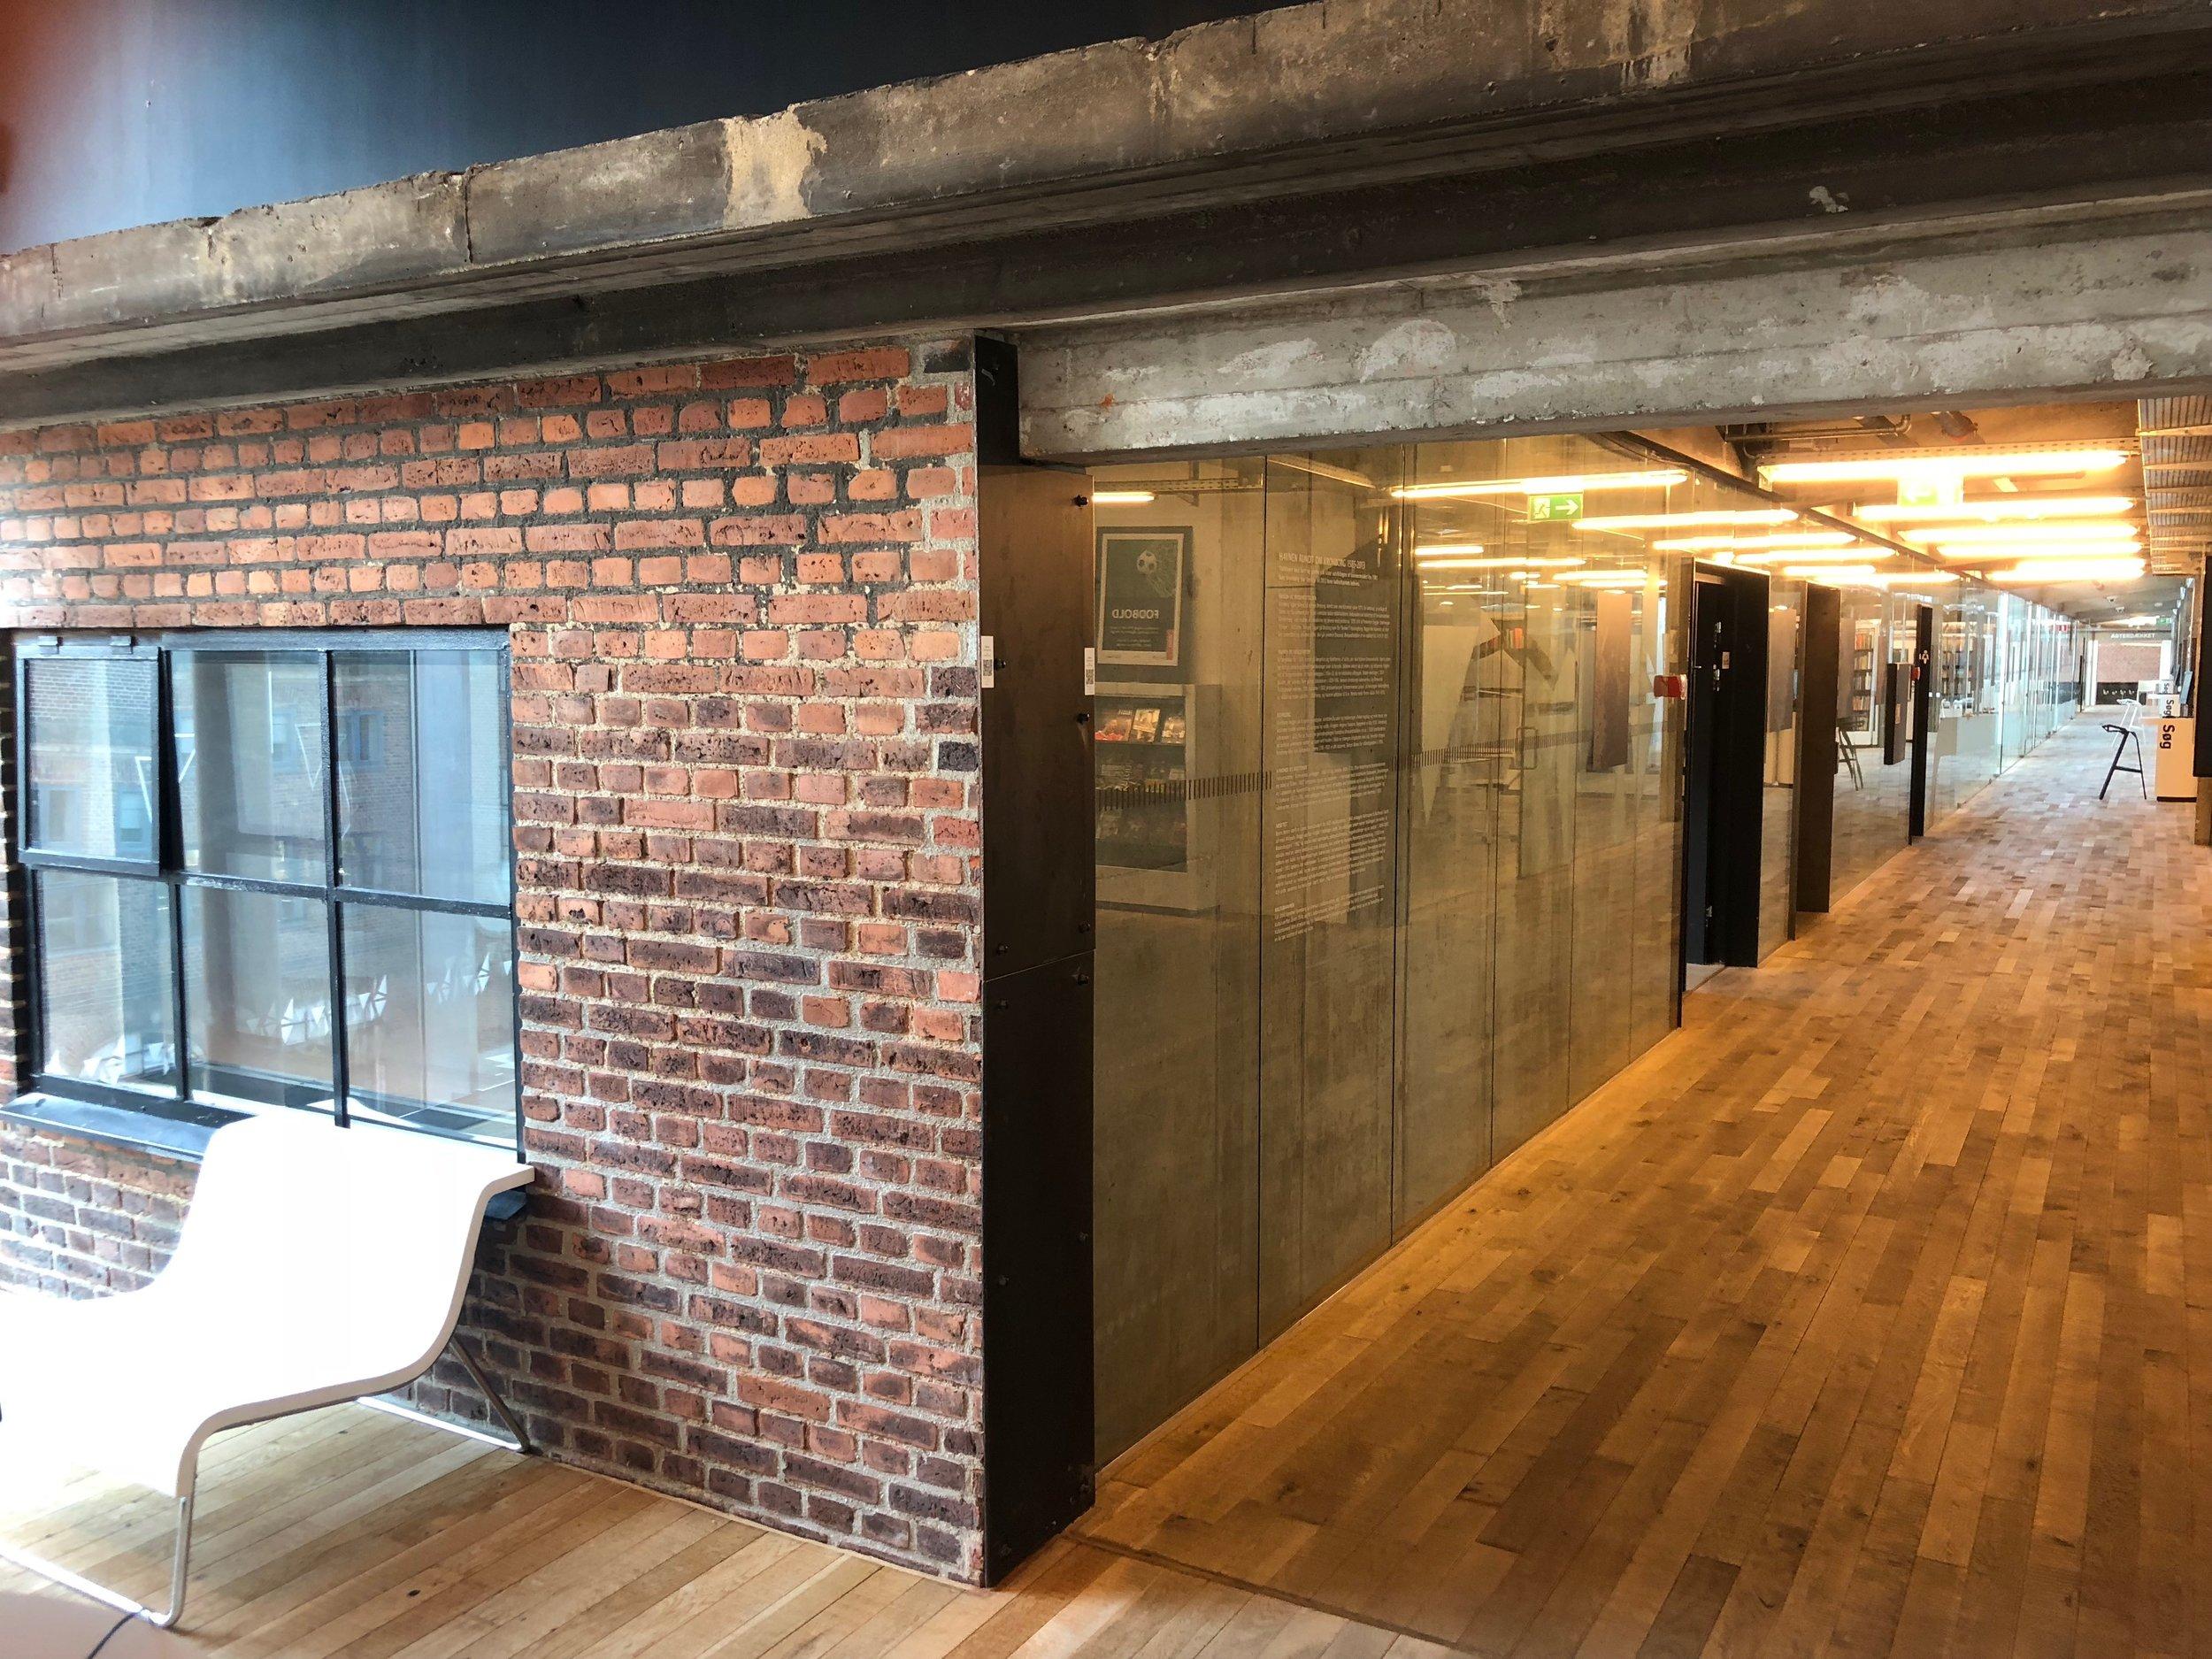 De gamle smukke mursten danner en utrolig varme inde i bygning